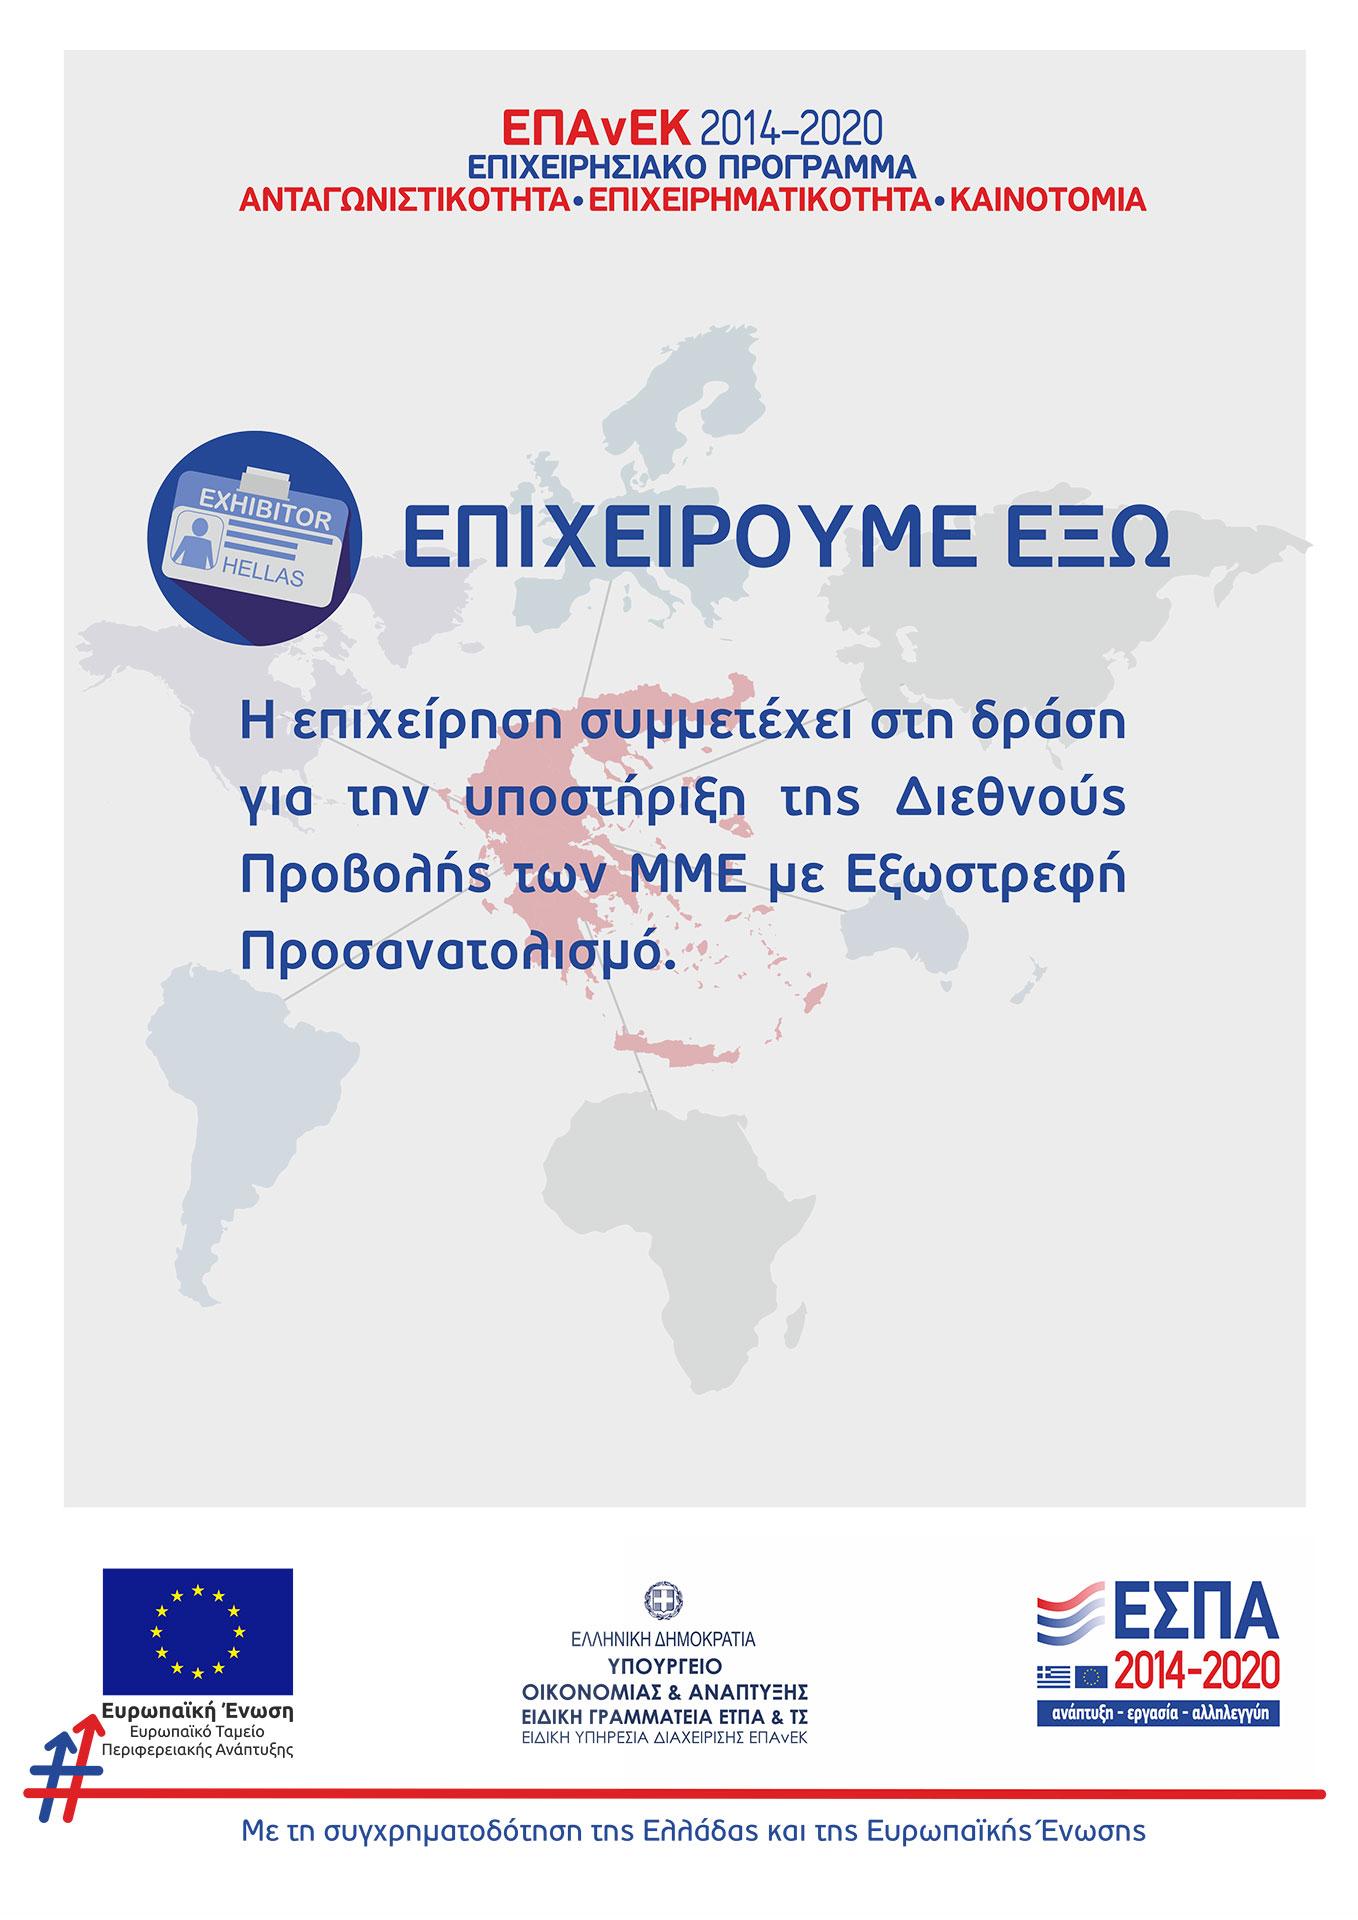 espa-2014-2020-kivotopoulos